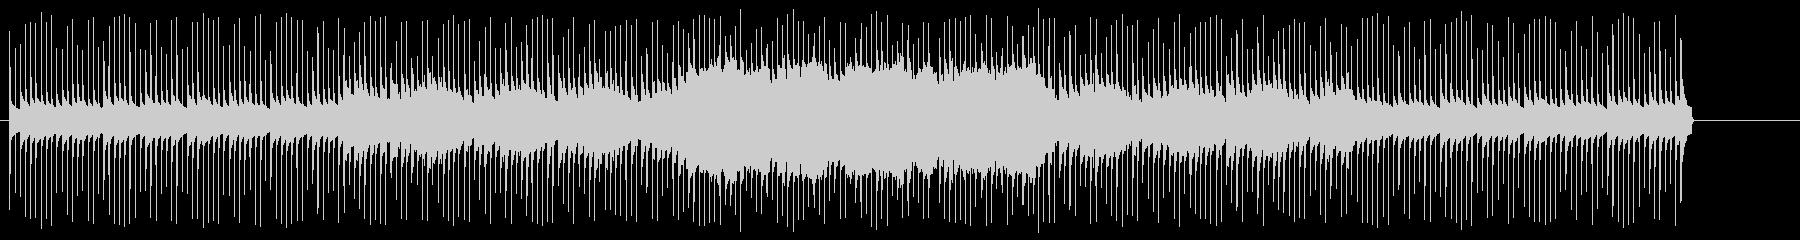 脱力感のあるテクノ/BGの未再生の波形